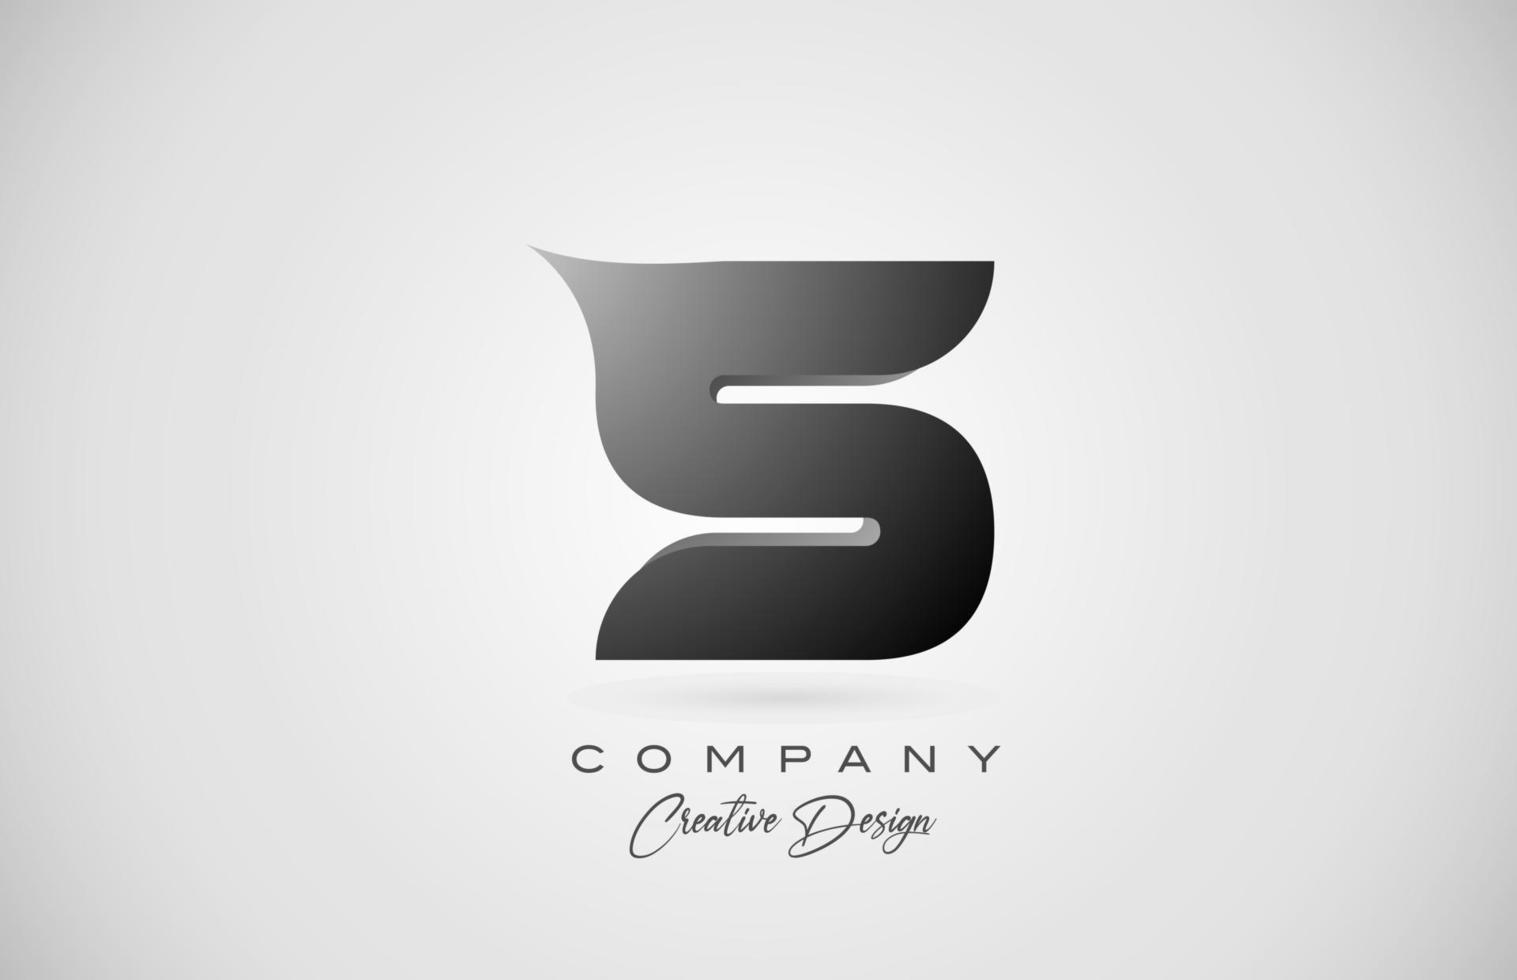 logotipo do ícone da letra do alfabeto s em gradiente preto. design criativo para negócios e empresa vetor